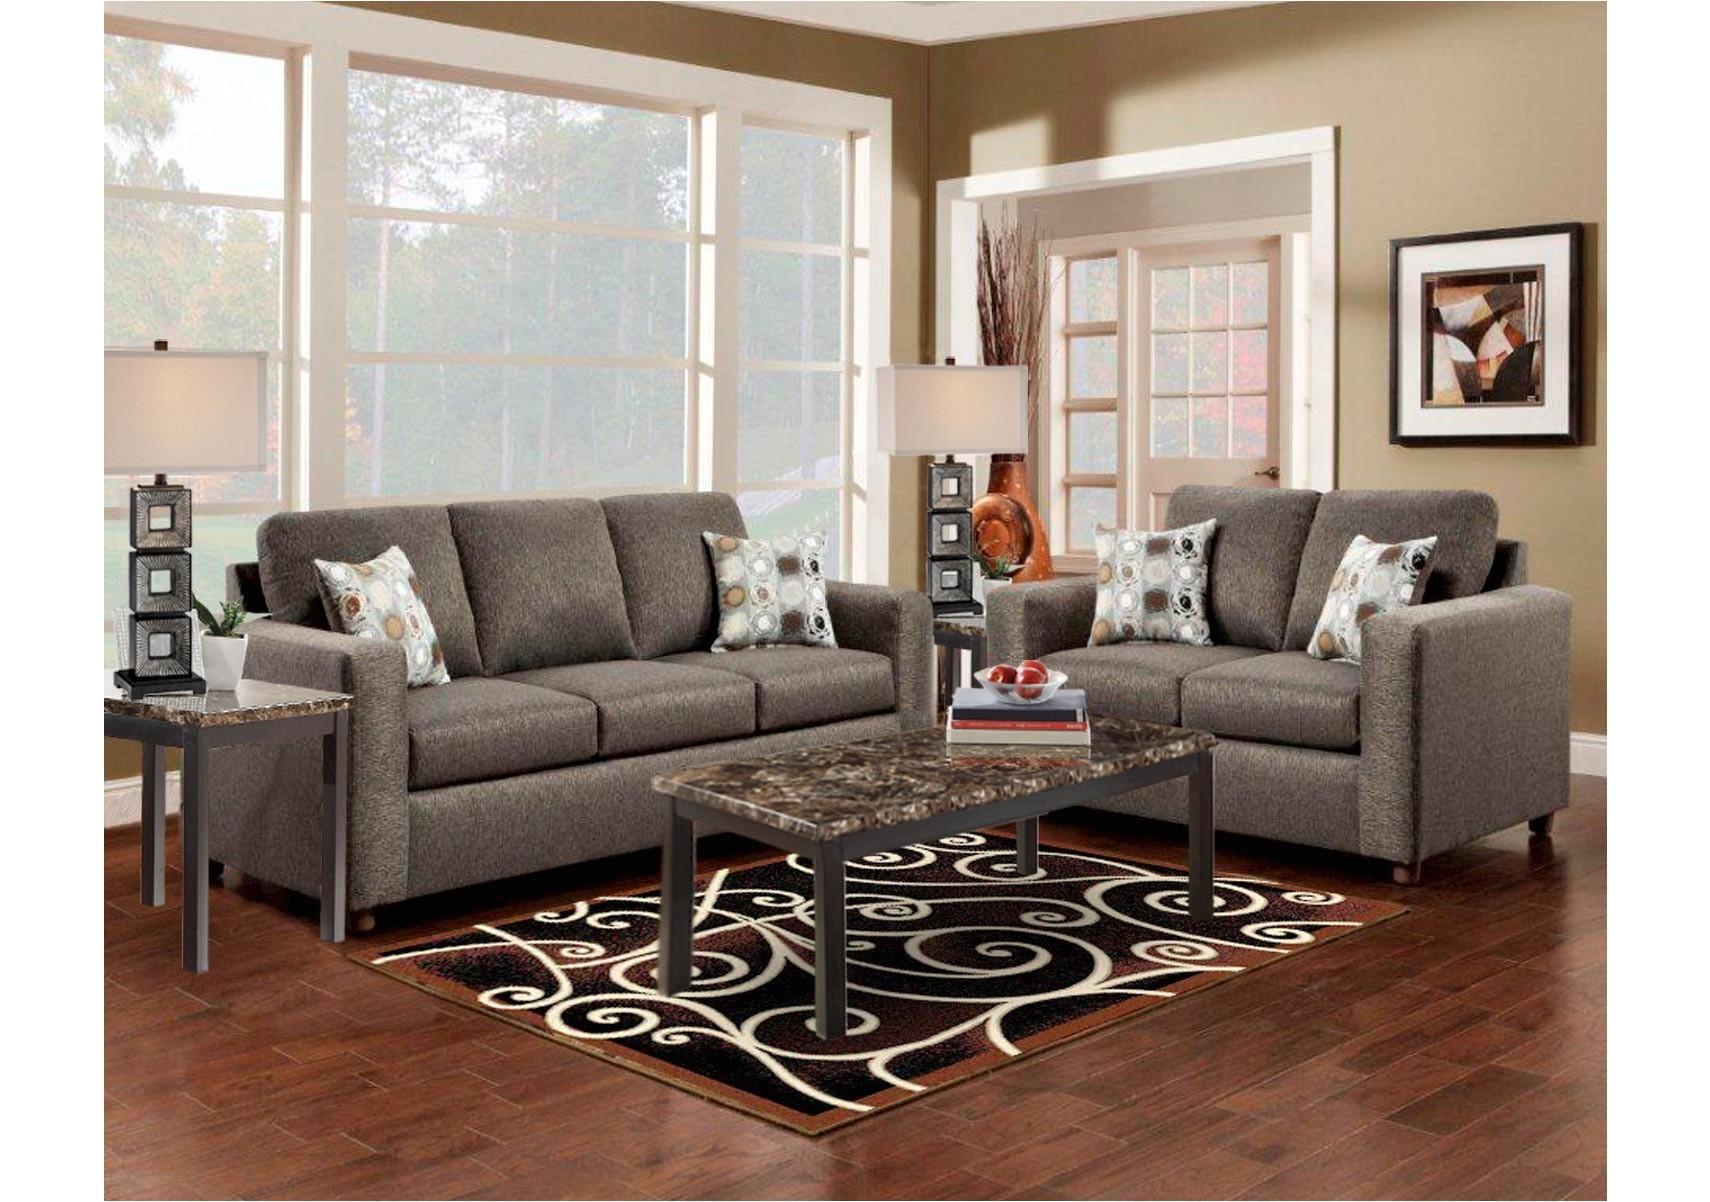 vivid 2 pc living room set